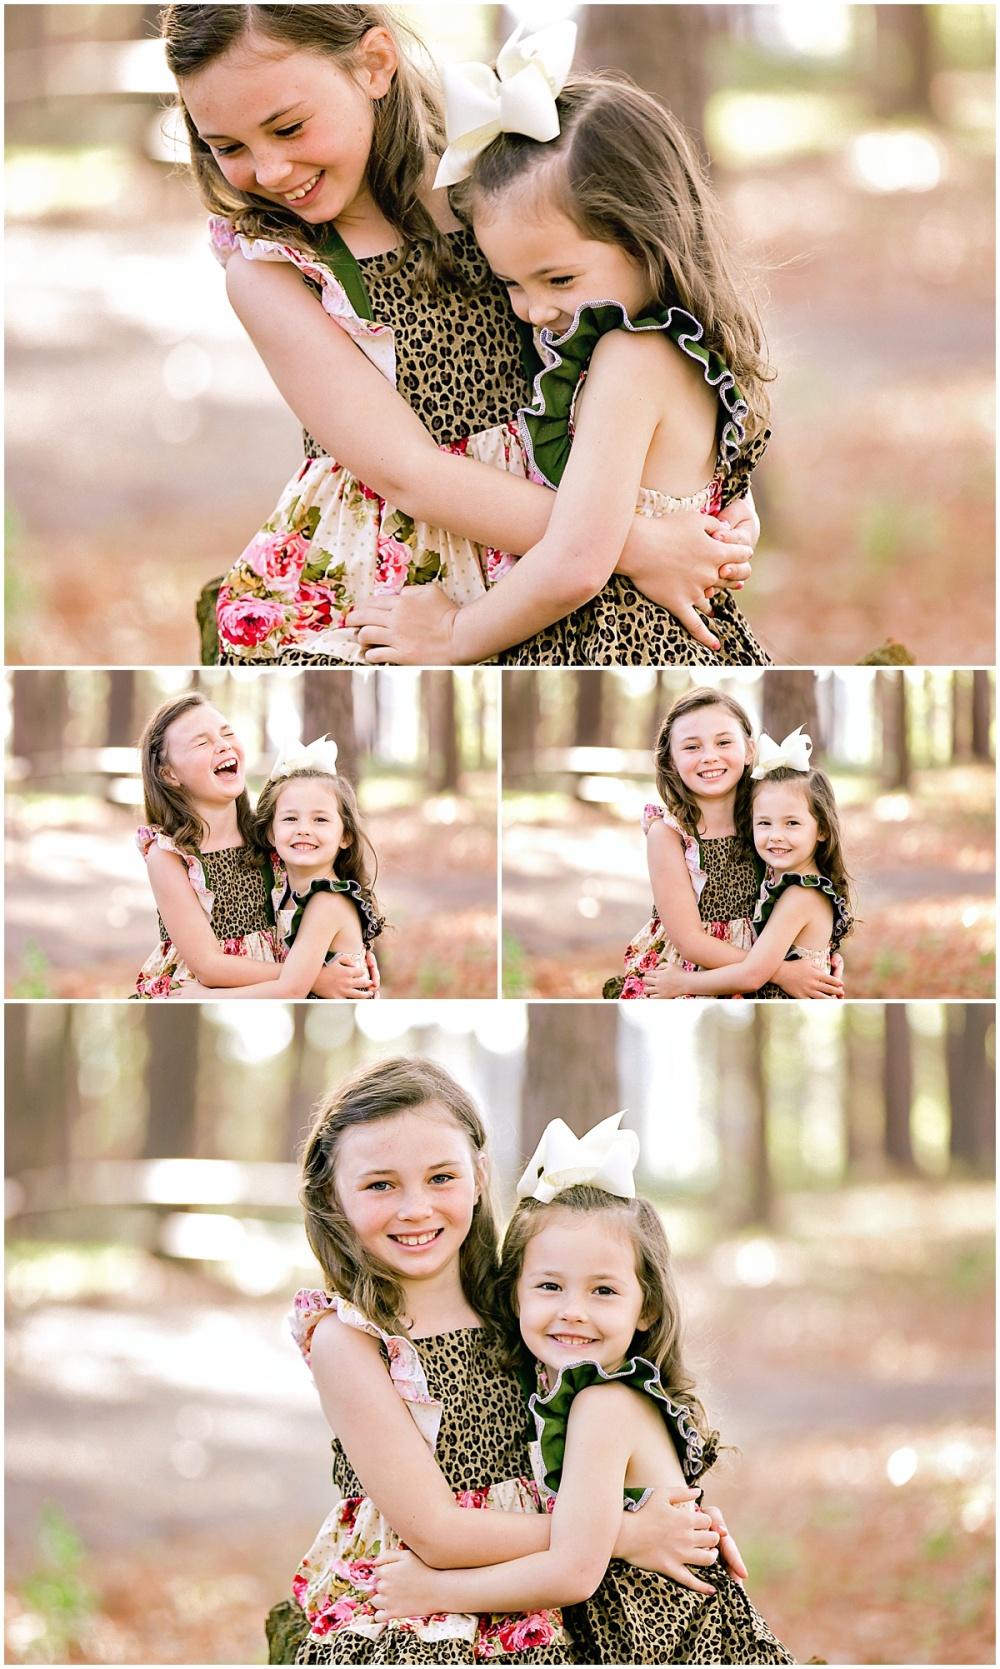 Family-Portraits-Spradlin-East-Texas-Carly-Barton-Photography_0032.jpg